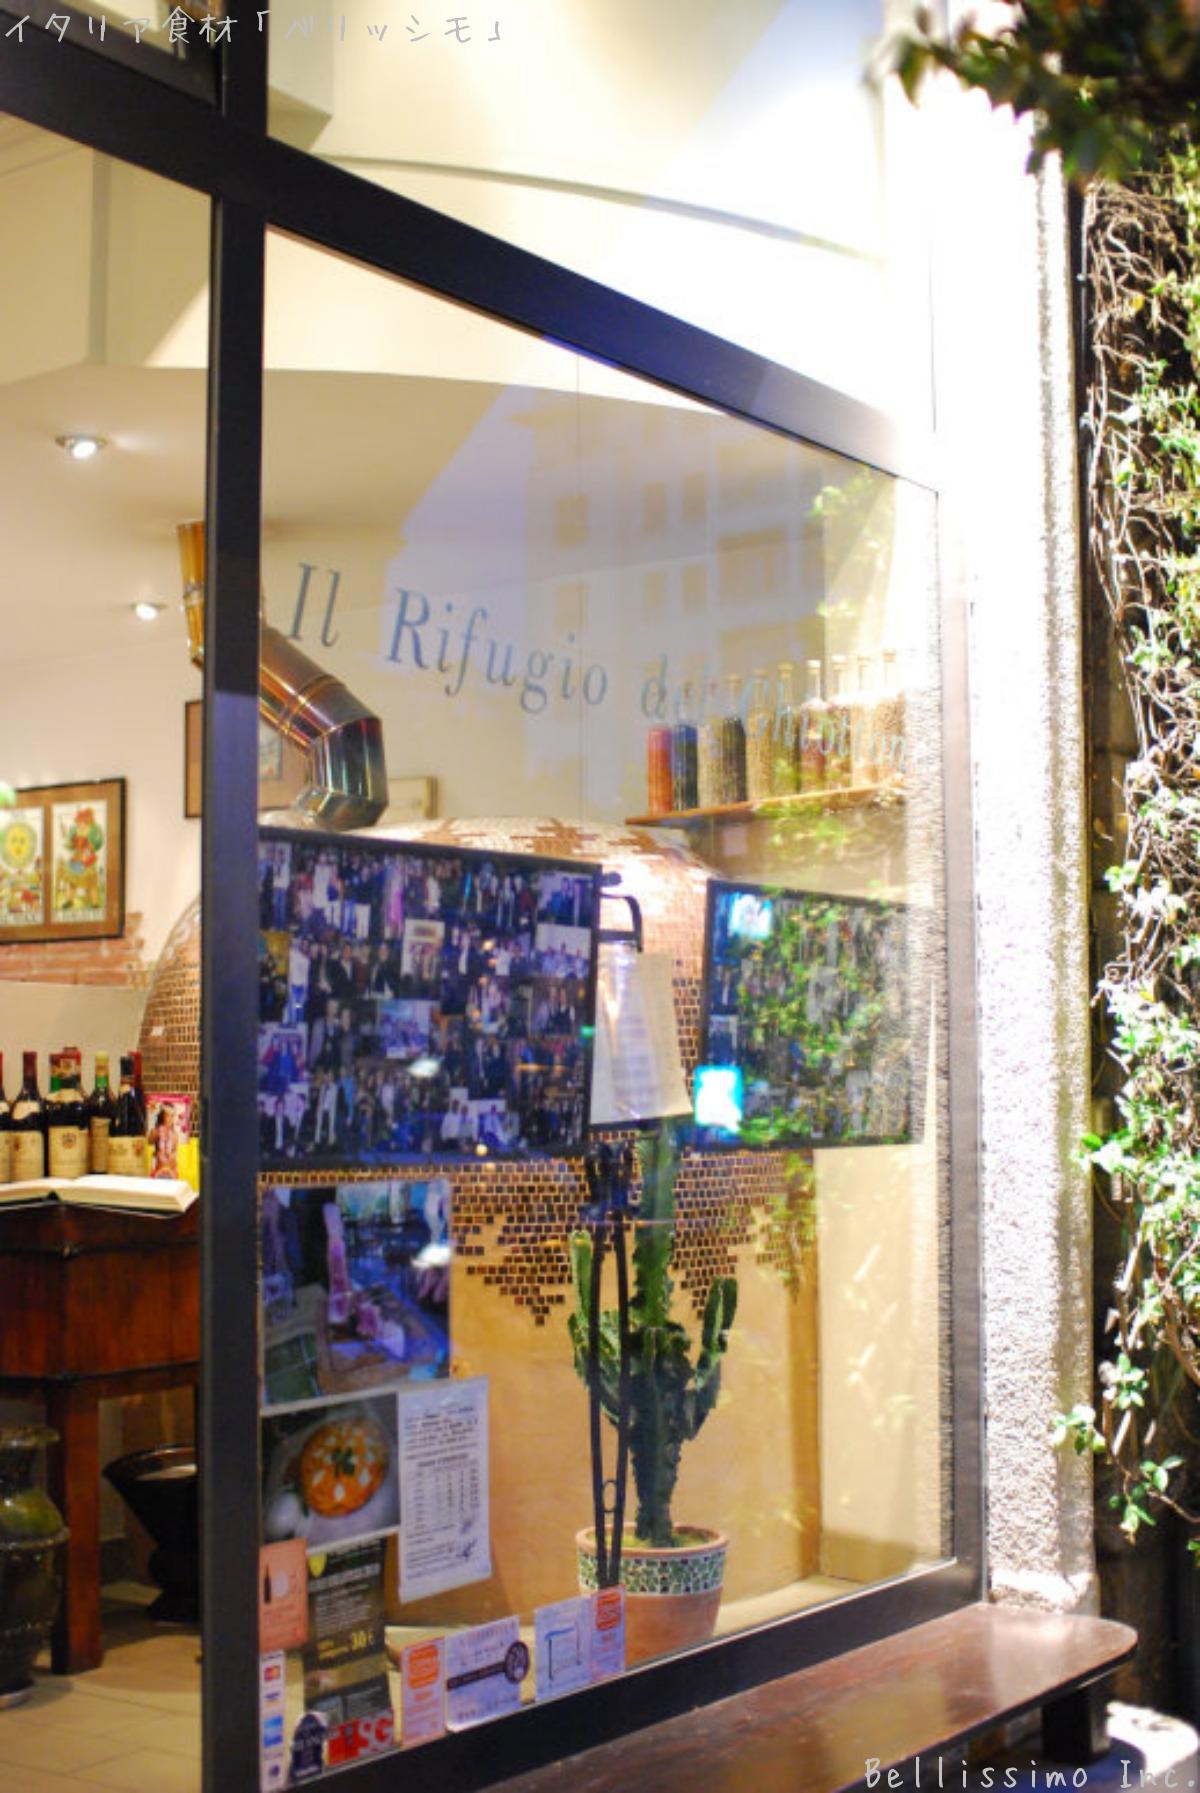 イタリア買い付け旅行記 vol.12 -15- 「ミラノで食事三昧」 最終回_c0003150_113237.jpg